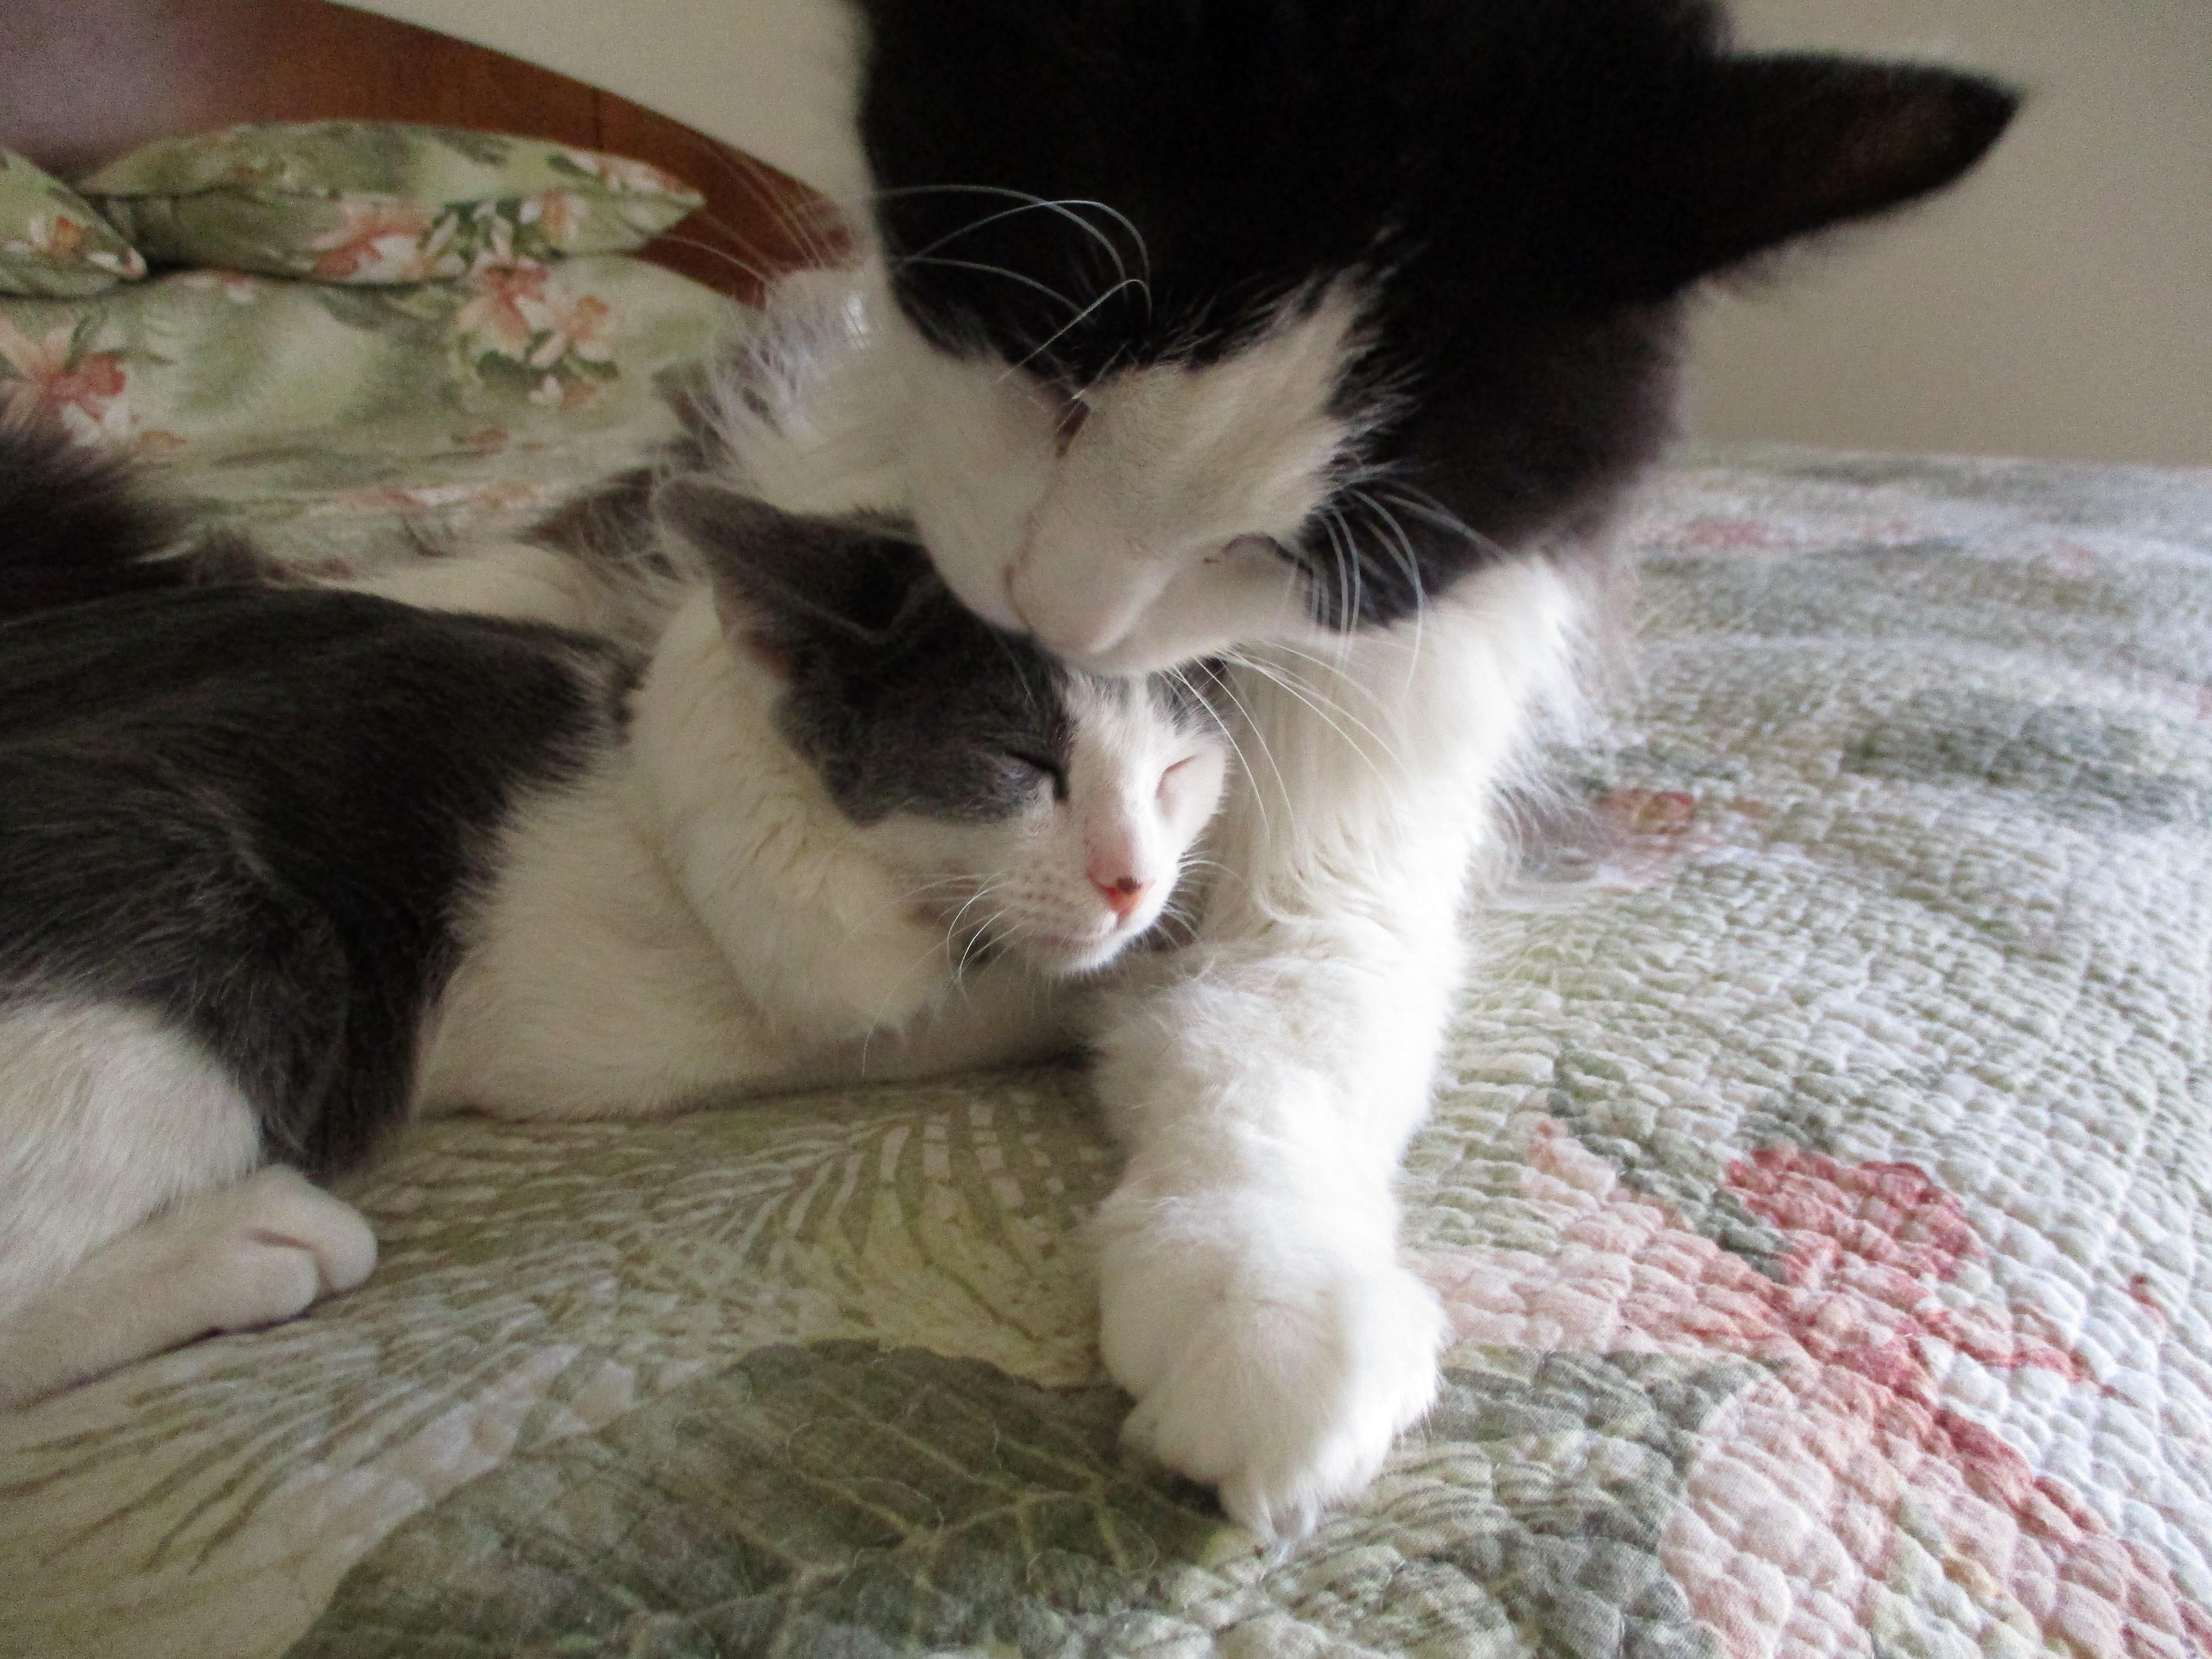 Our resident kitten caregiver!